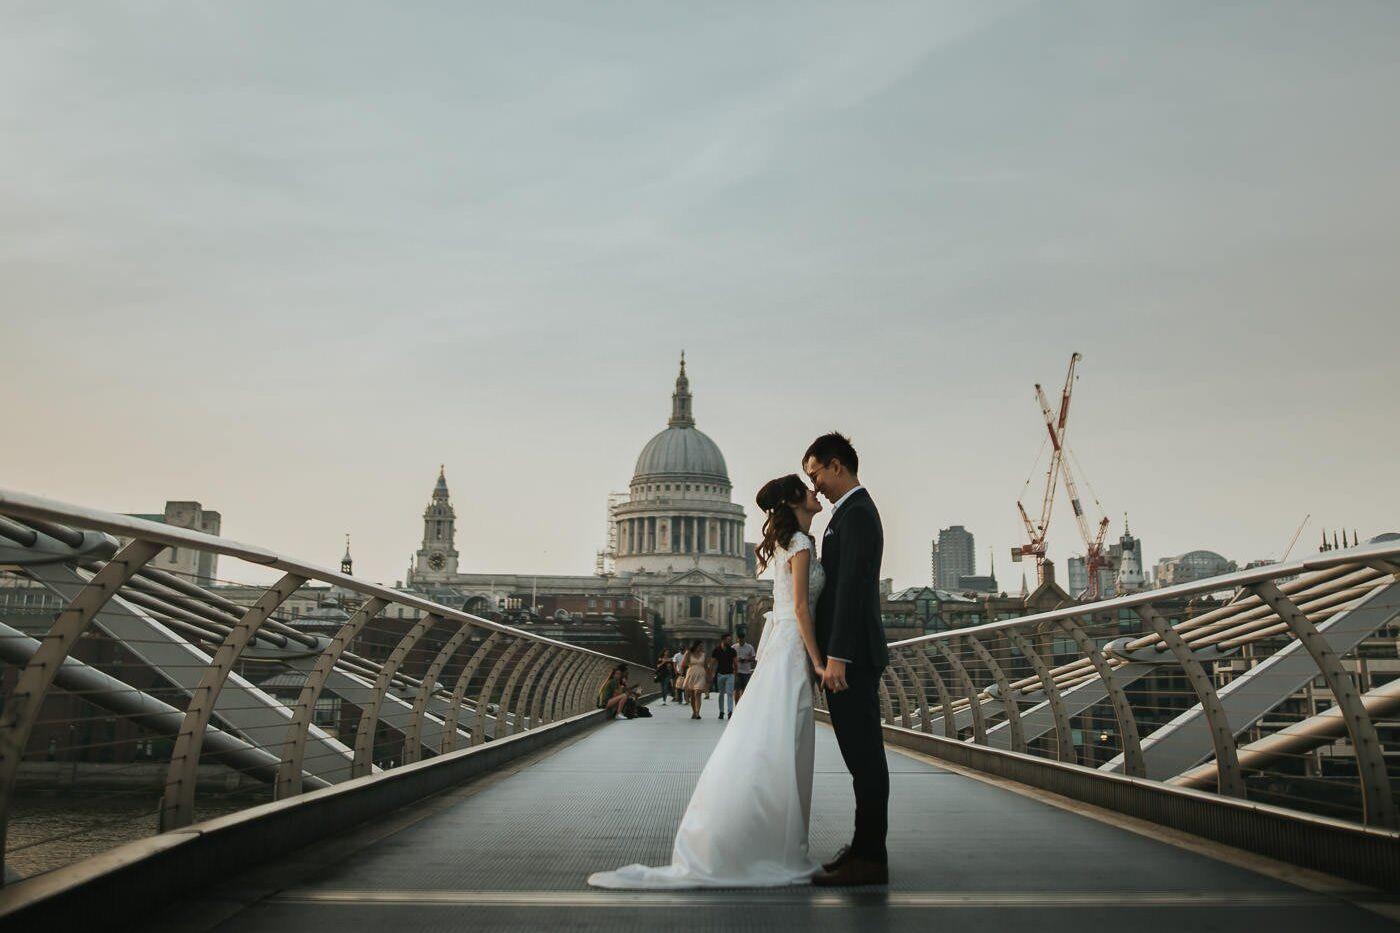 engagement photography london millenium bridge